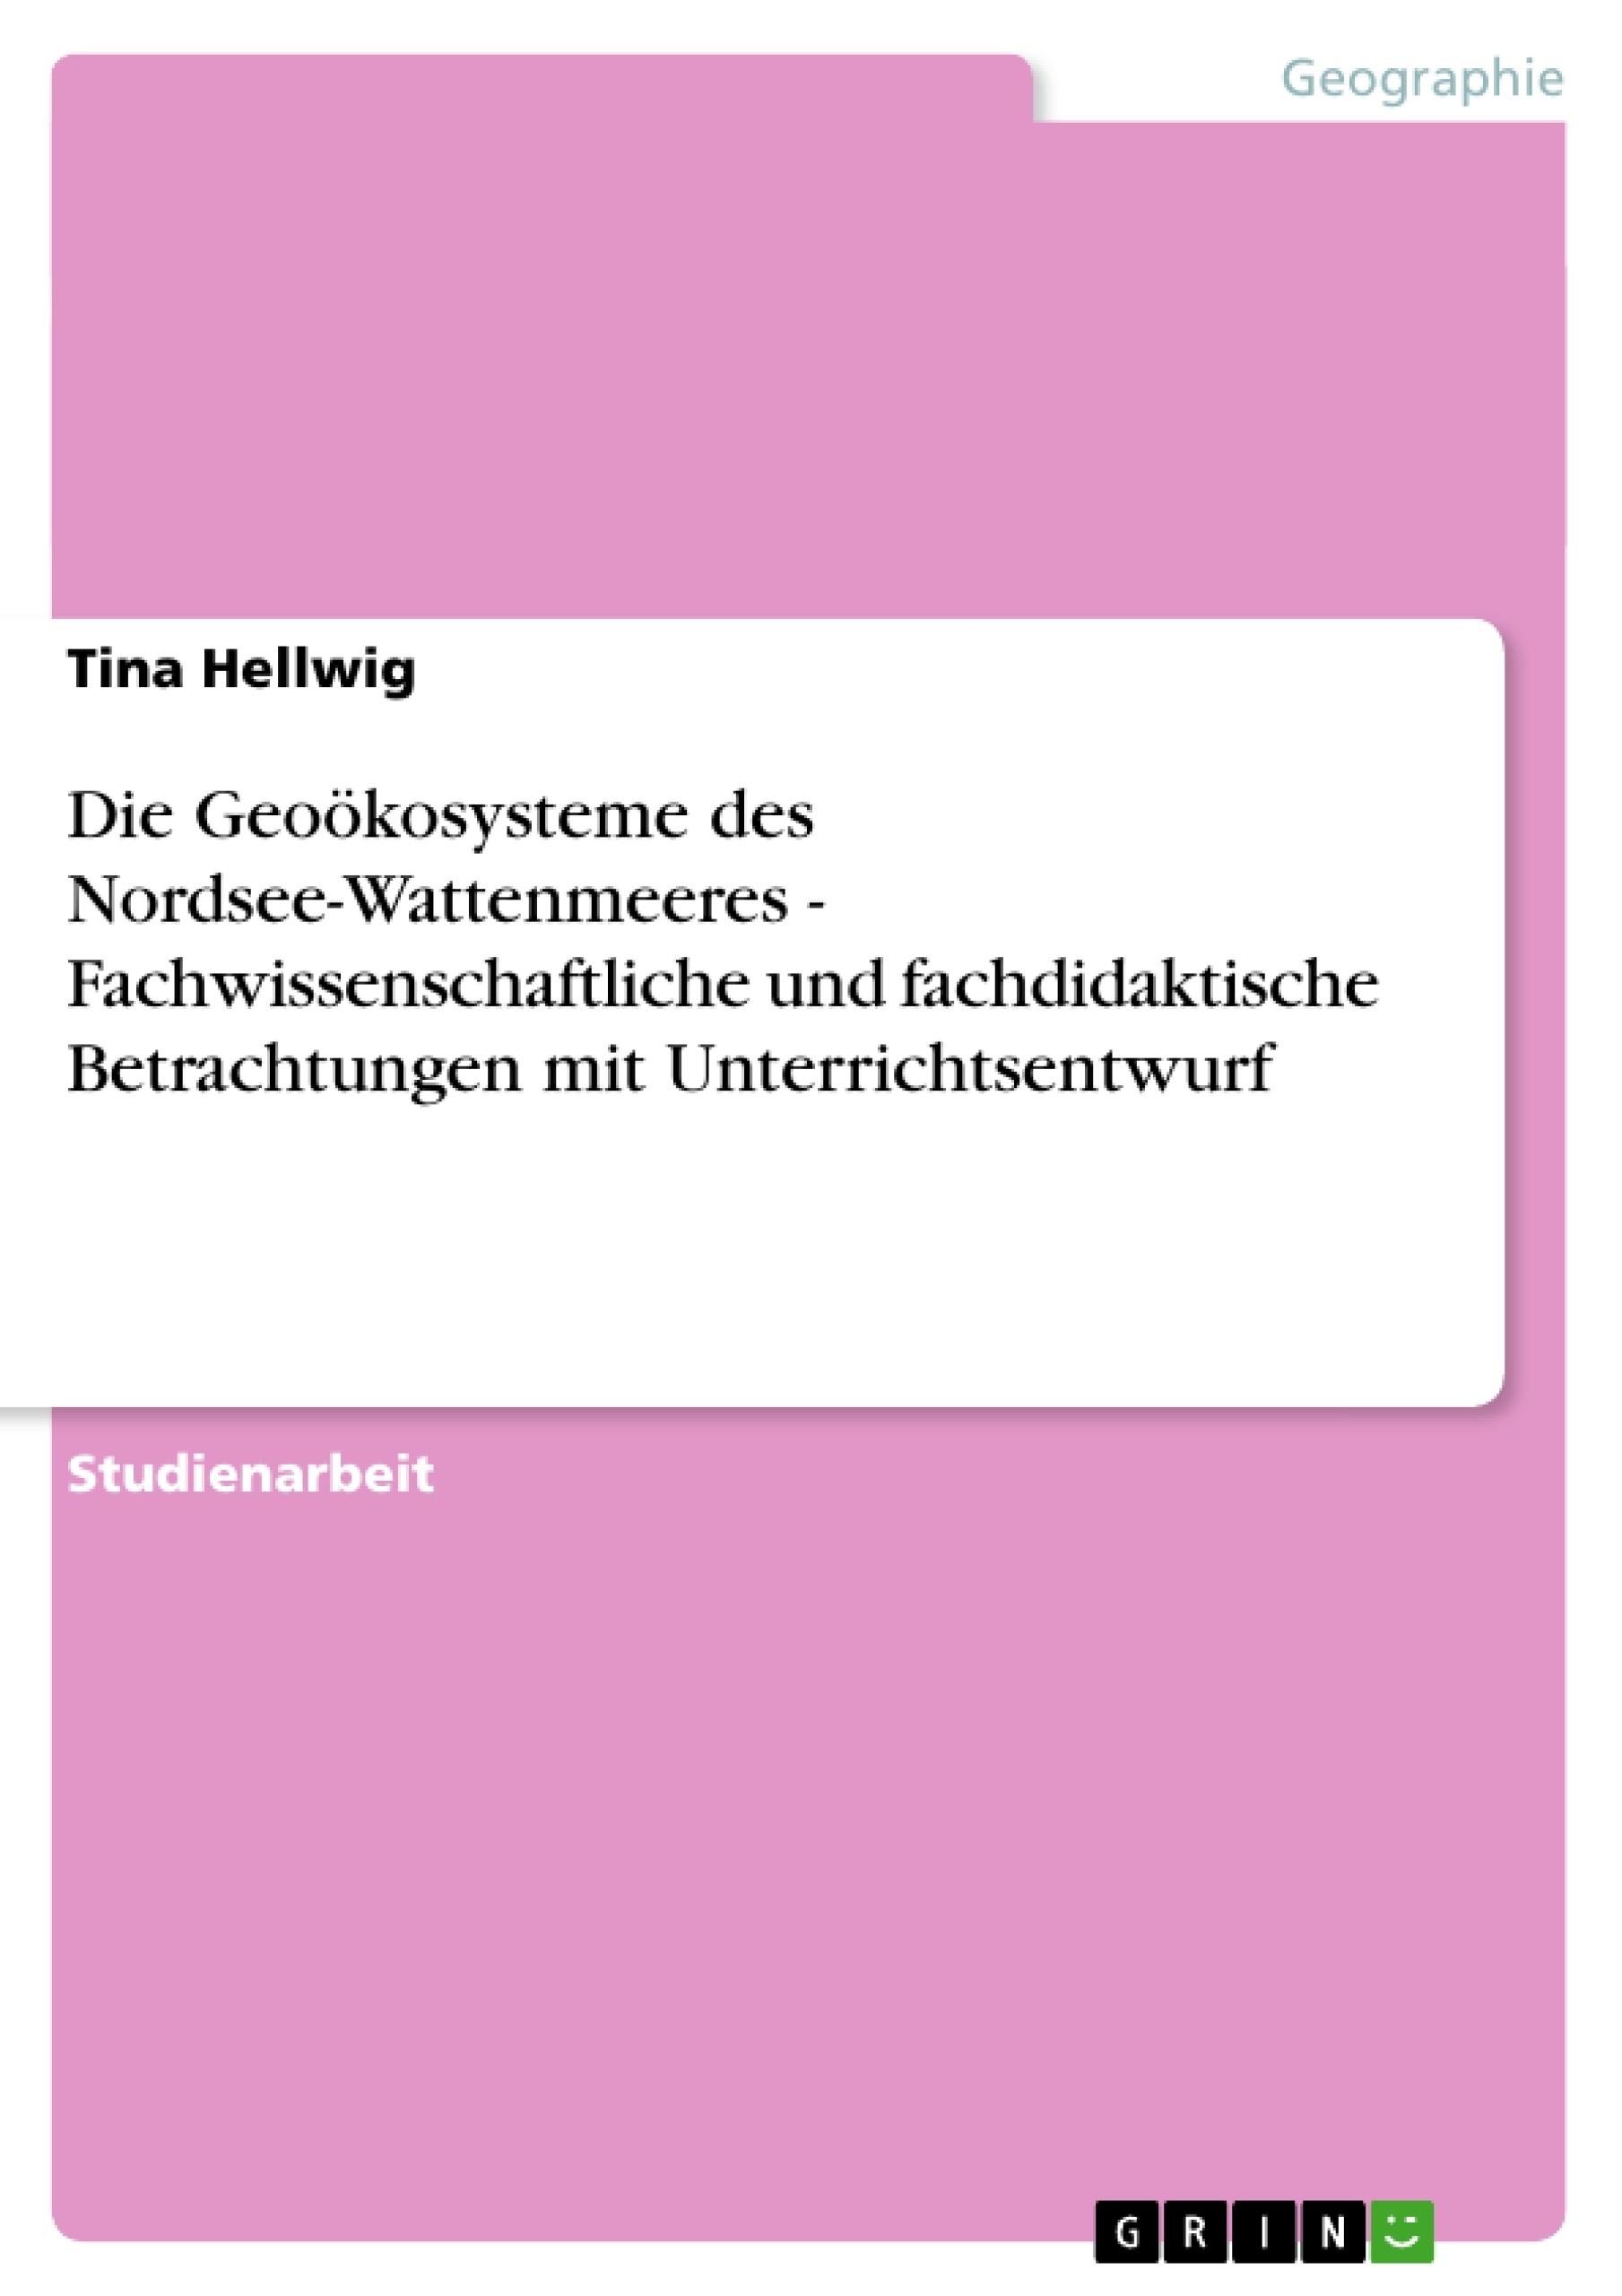 Titel: Die Geoökosysteme des Nordsee-Wattenmeeres - Fachwissenschaftliche und fachdidaktische Betrachtungen mit Unterrichtsentwurf